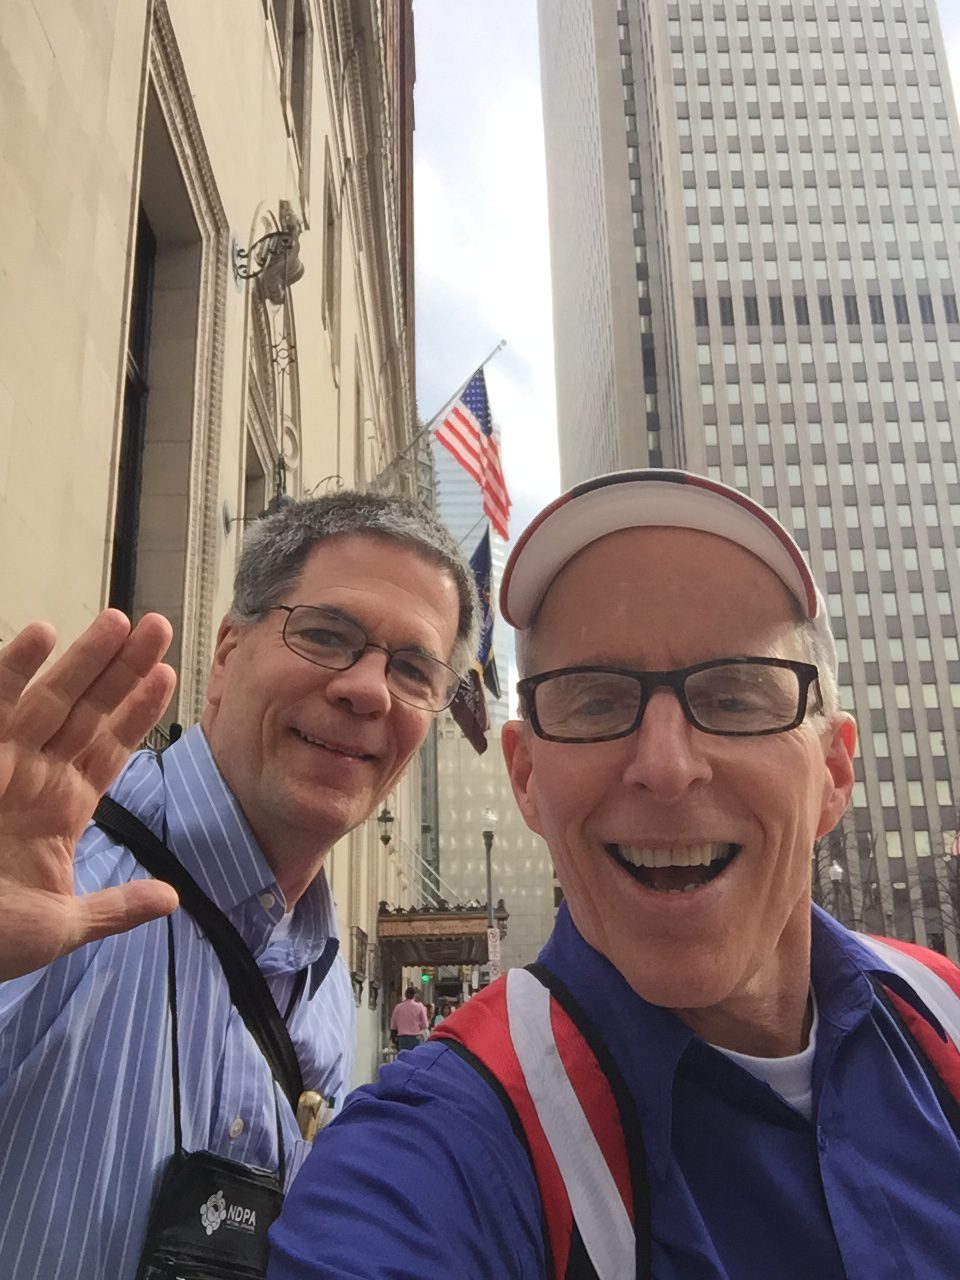 Mark, Kevin, Downrown, flag, selfie